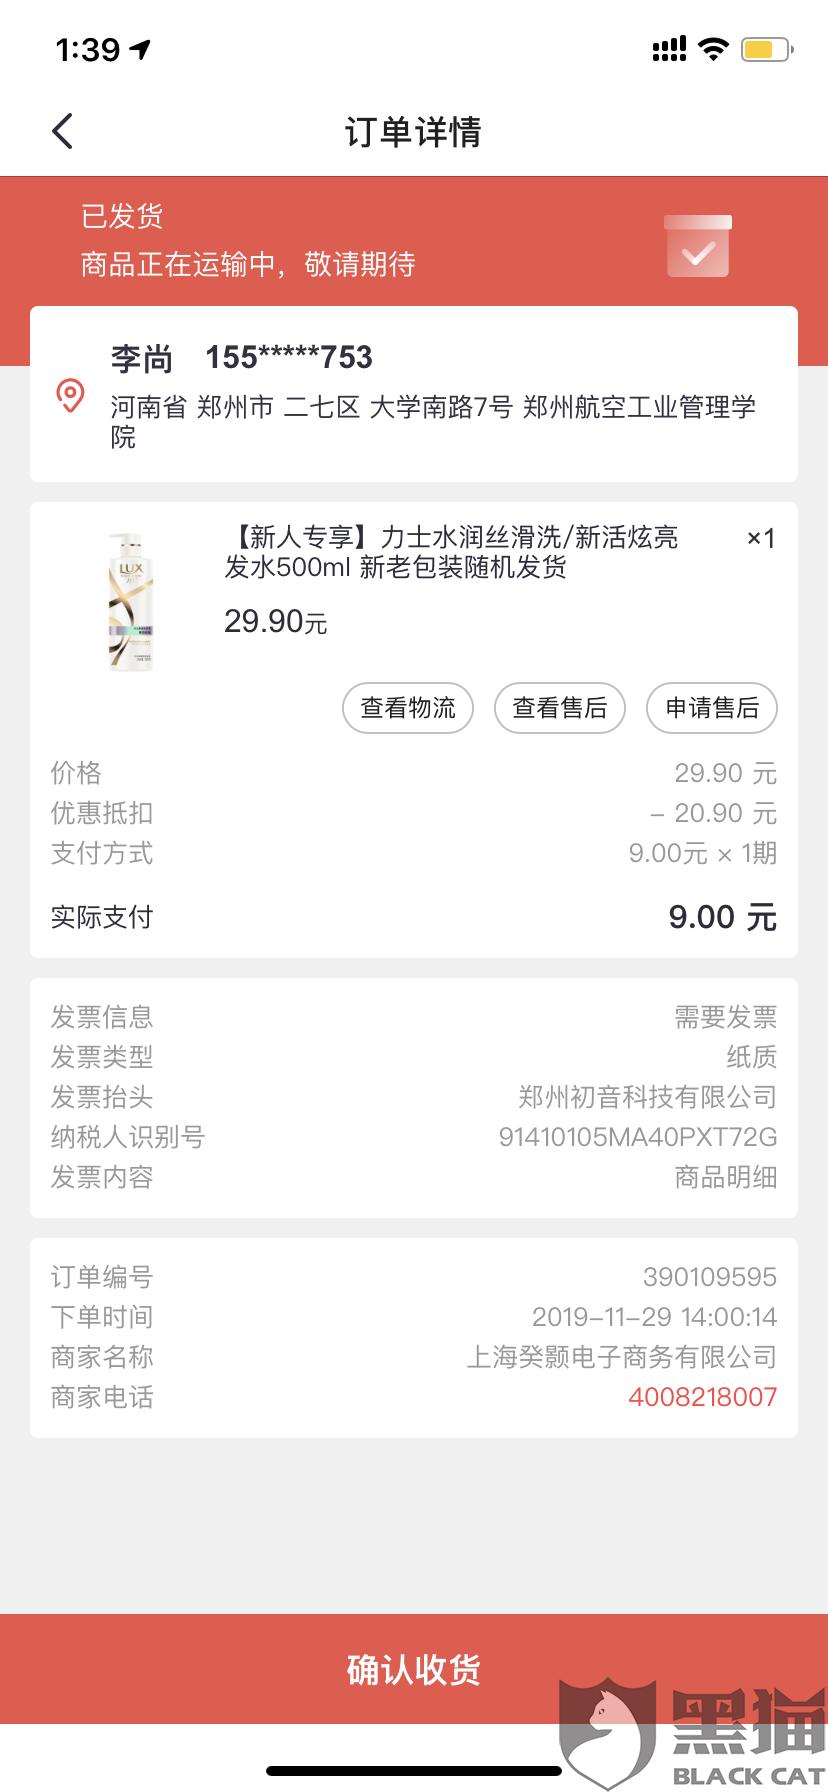 黑猫投诉:招商银行的掌上生活App里面的上海癸颢电子商务有限公司 迟迟不发货